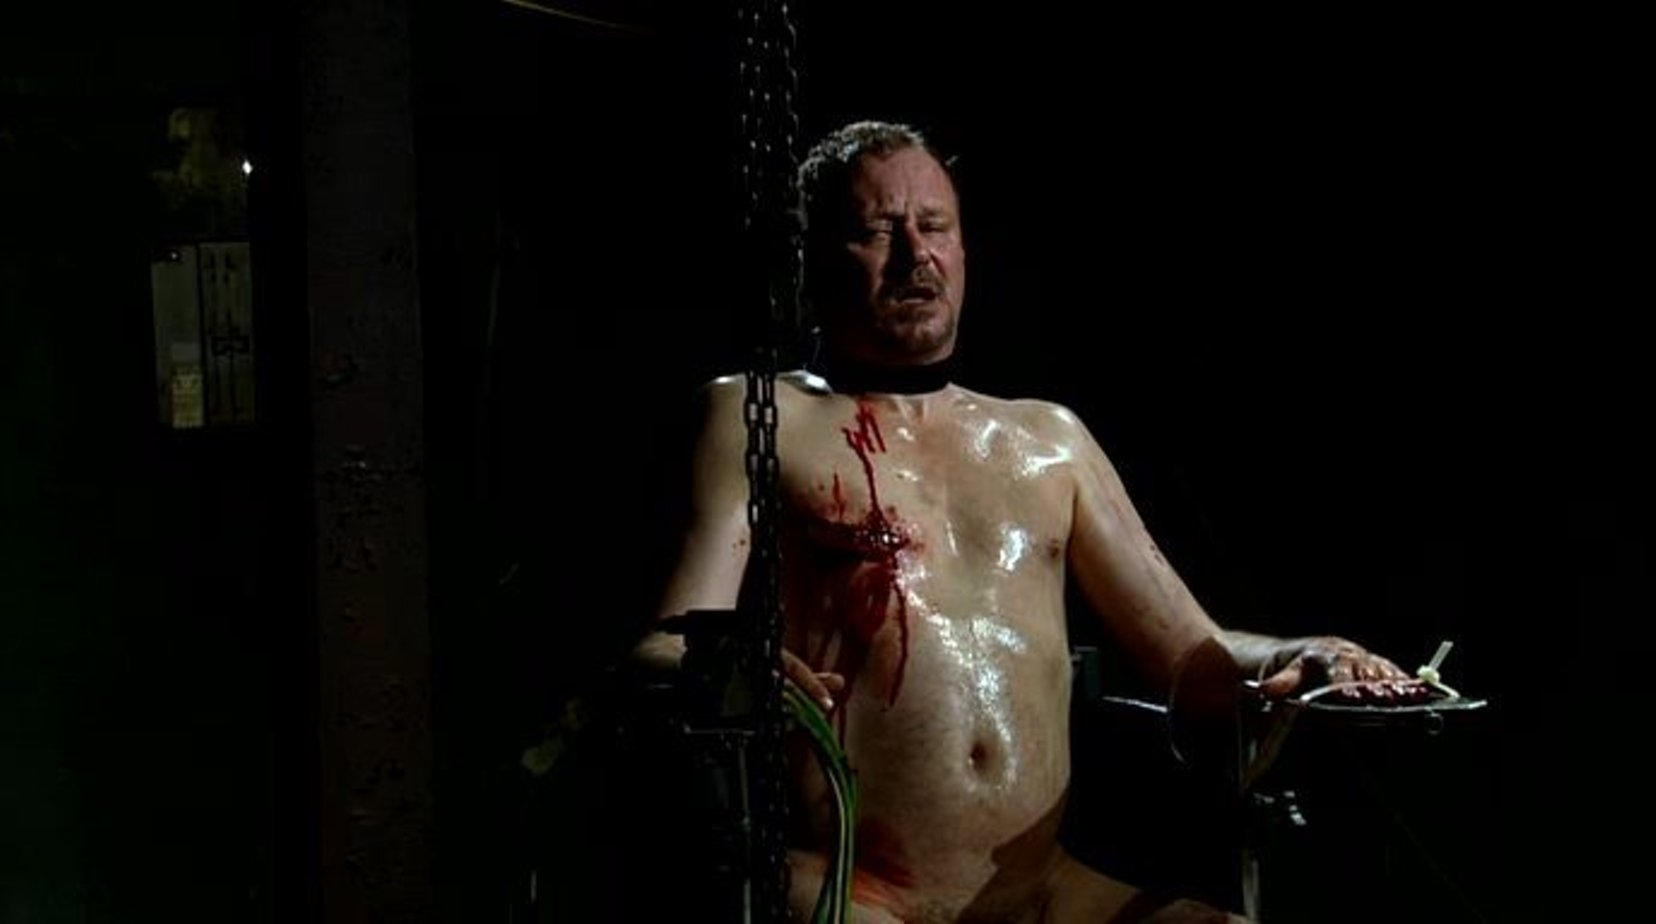 Фильм скачать пыток птушницы торрент камере через в